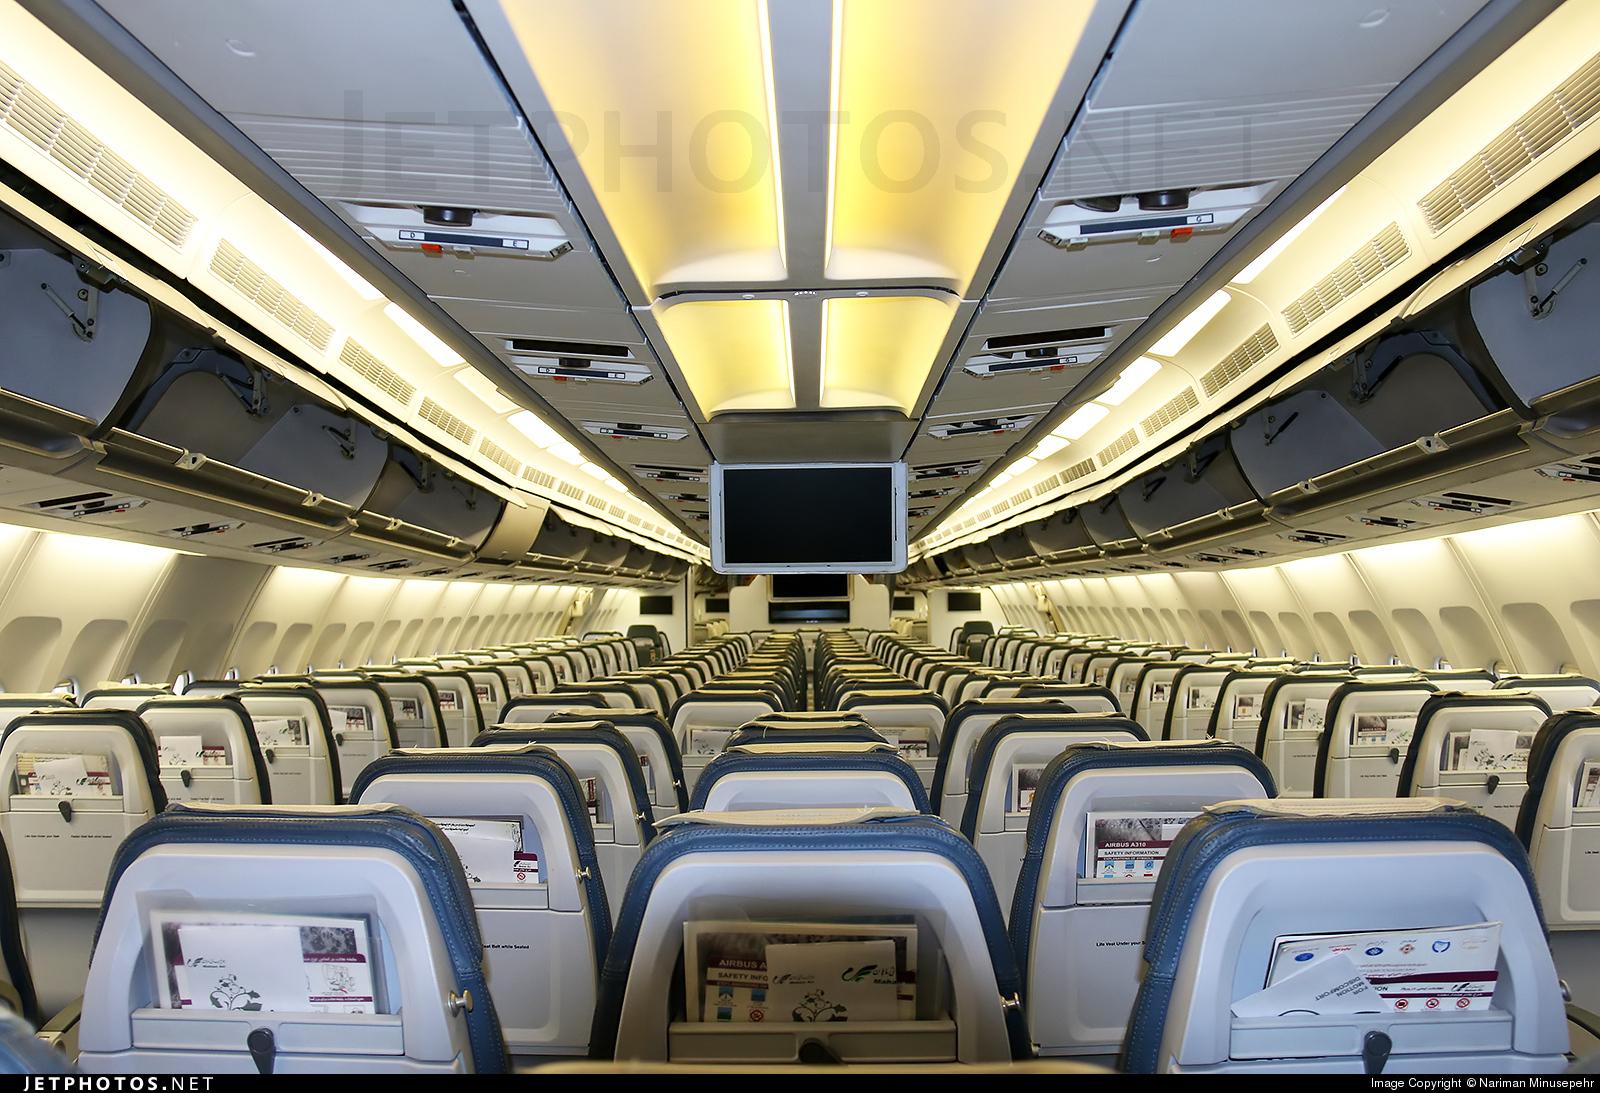 Airbus A310 interior